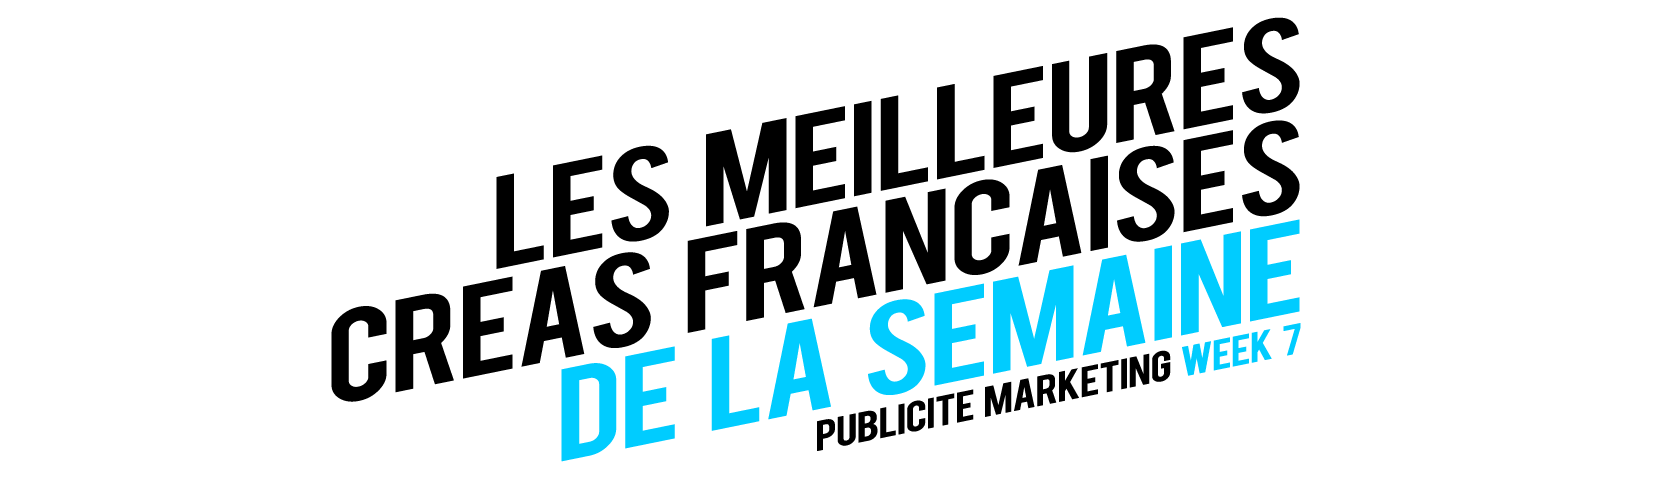 llllitl-publicité-marketing-meilleures-créations-francaises-france-agences